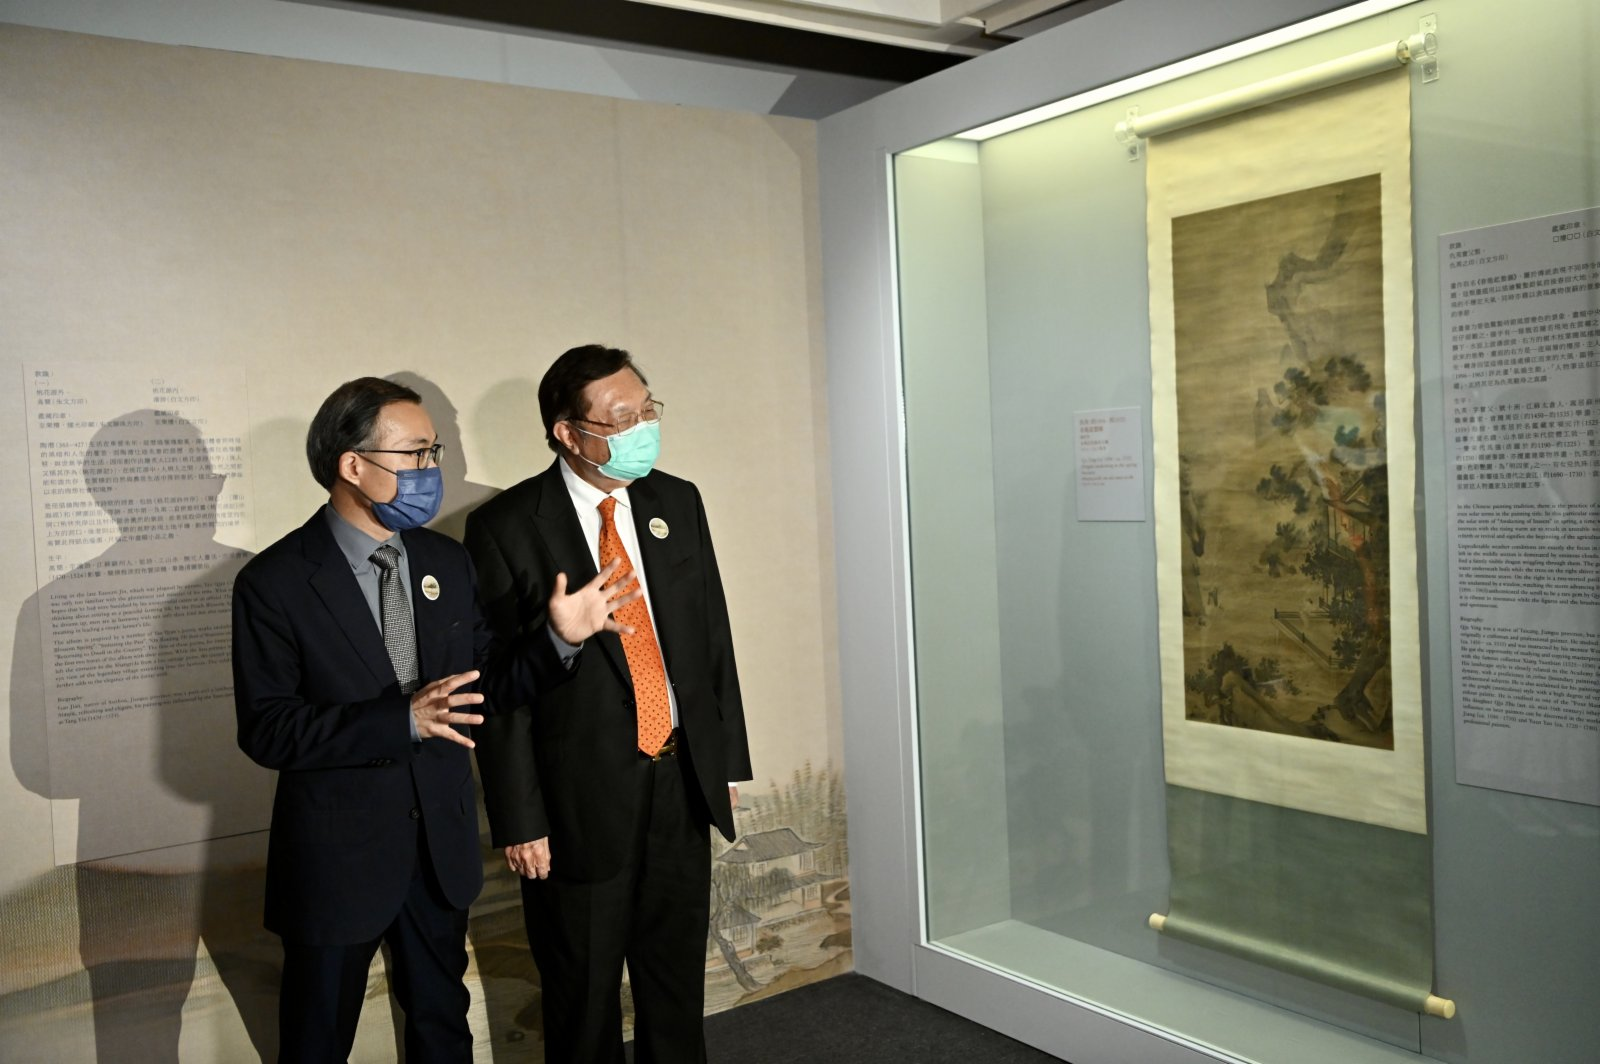 香港藝術館館長(至樂樓)鄧慶燊和至樂樓主席何世柱欣賞仇英的《春龍起蟄圖》。